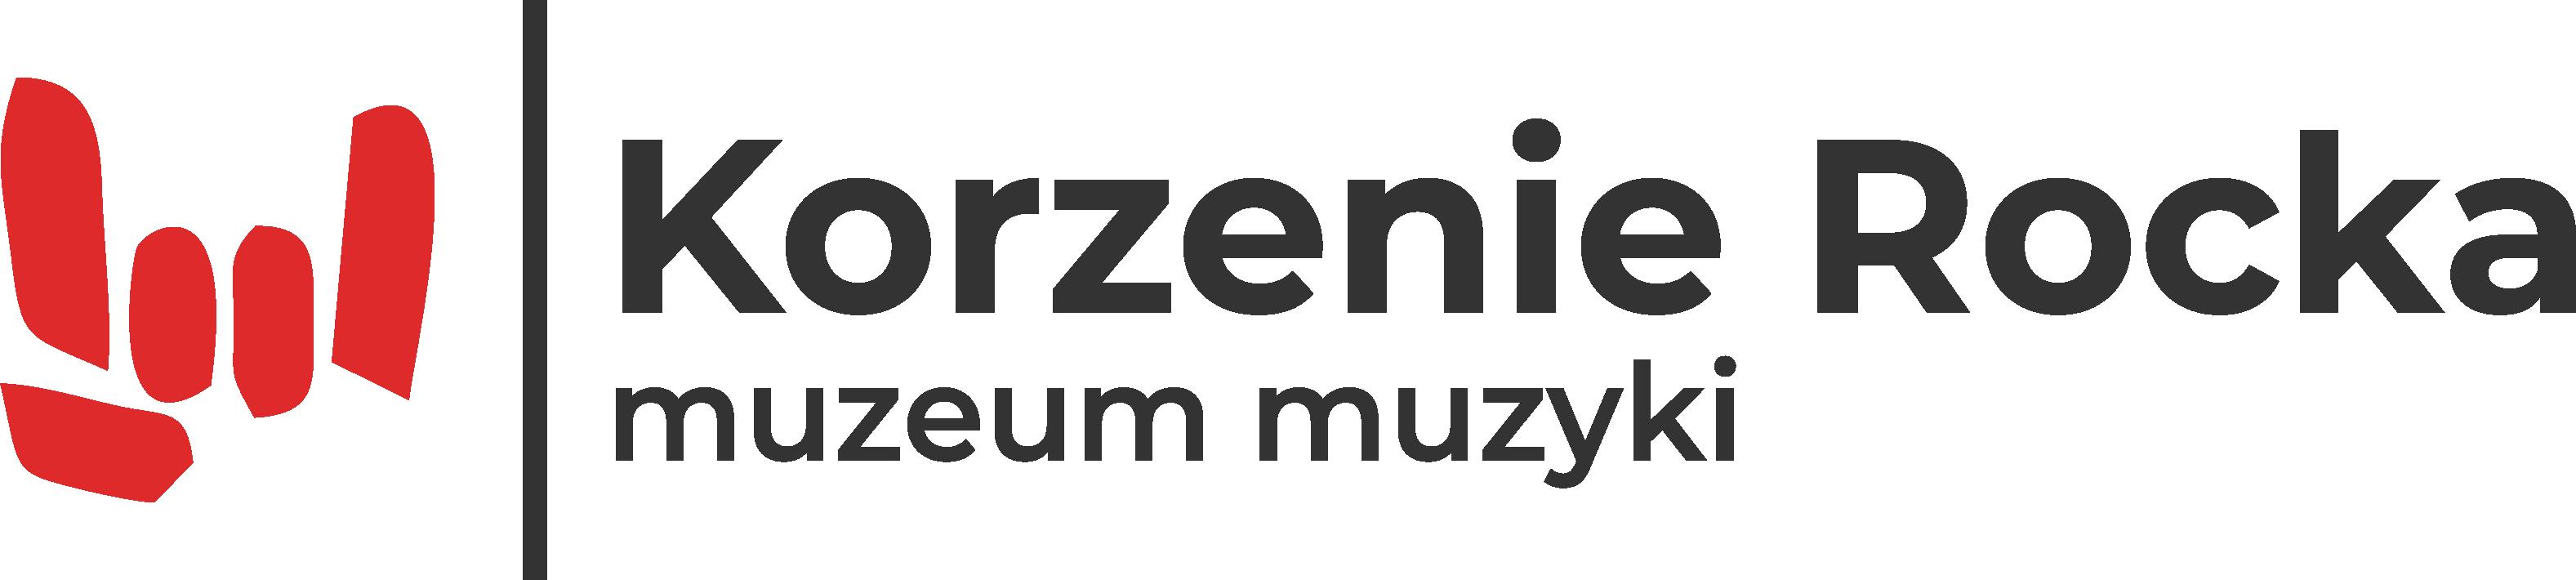 Korzenie Rocka - Muzeum - Pub - Biblioteka Logo